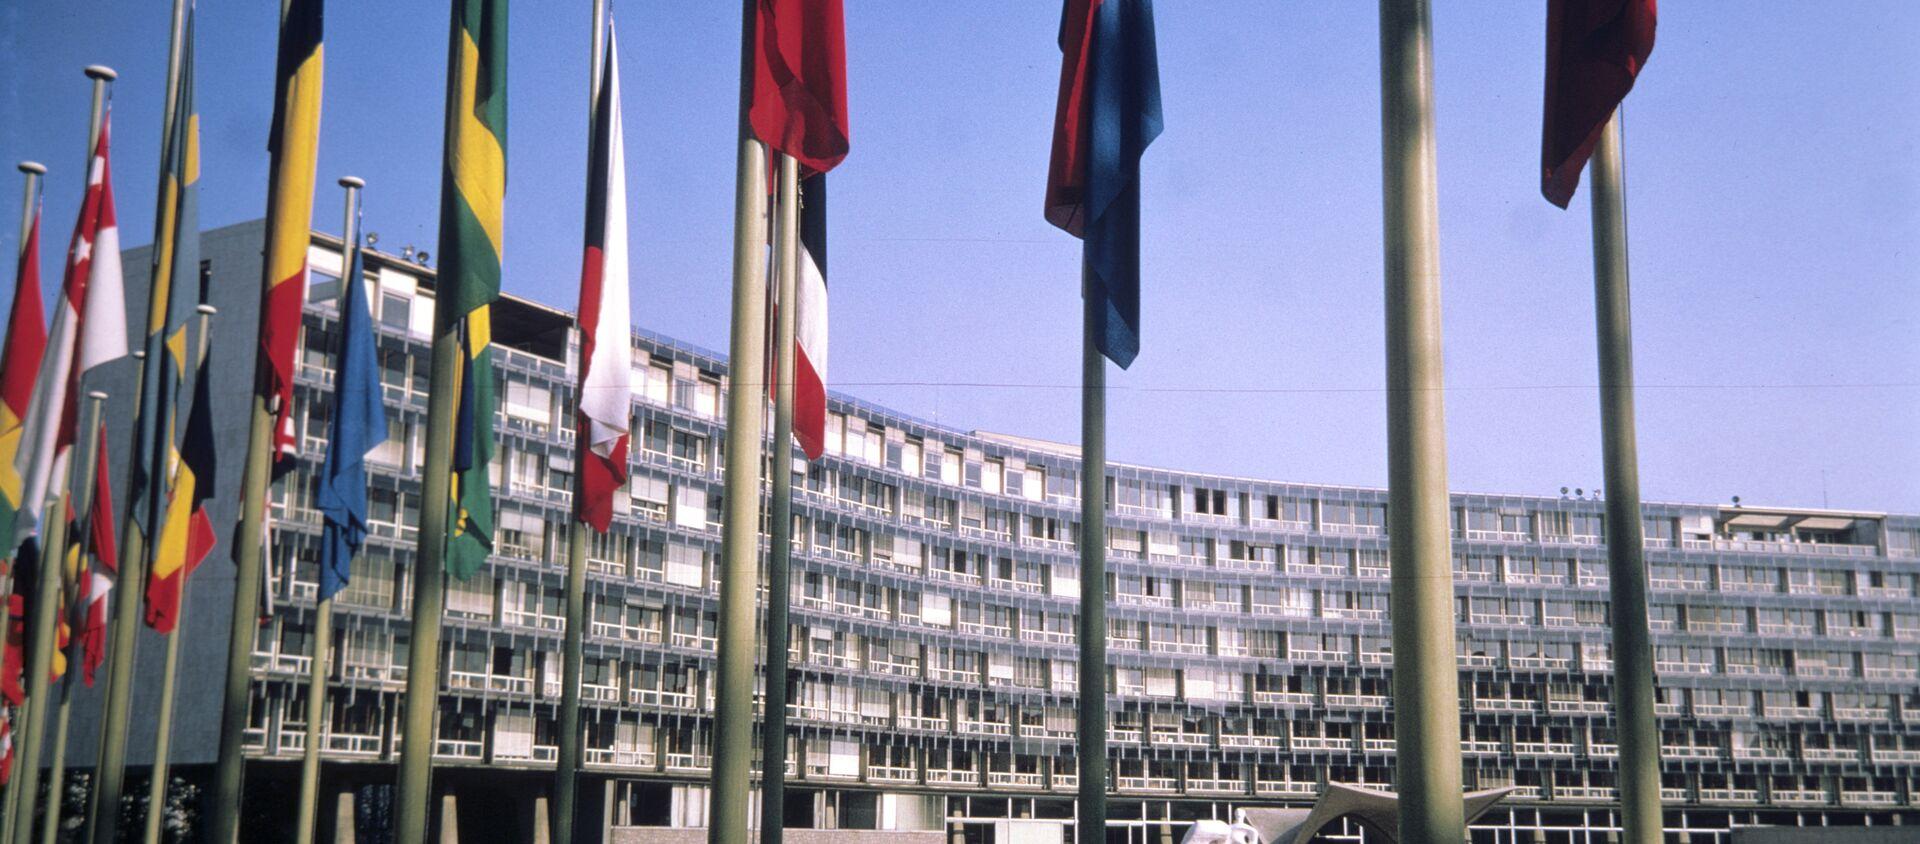 Здание штаб-квартиры ЮНЕСКО - Sputnik Արմենիա, 1920, 22.06.2021